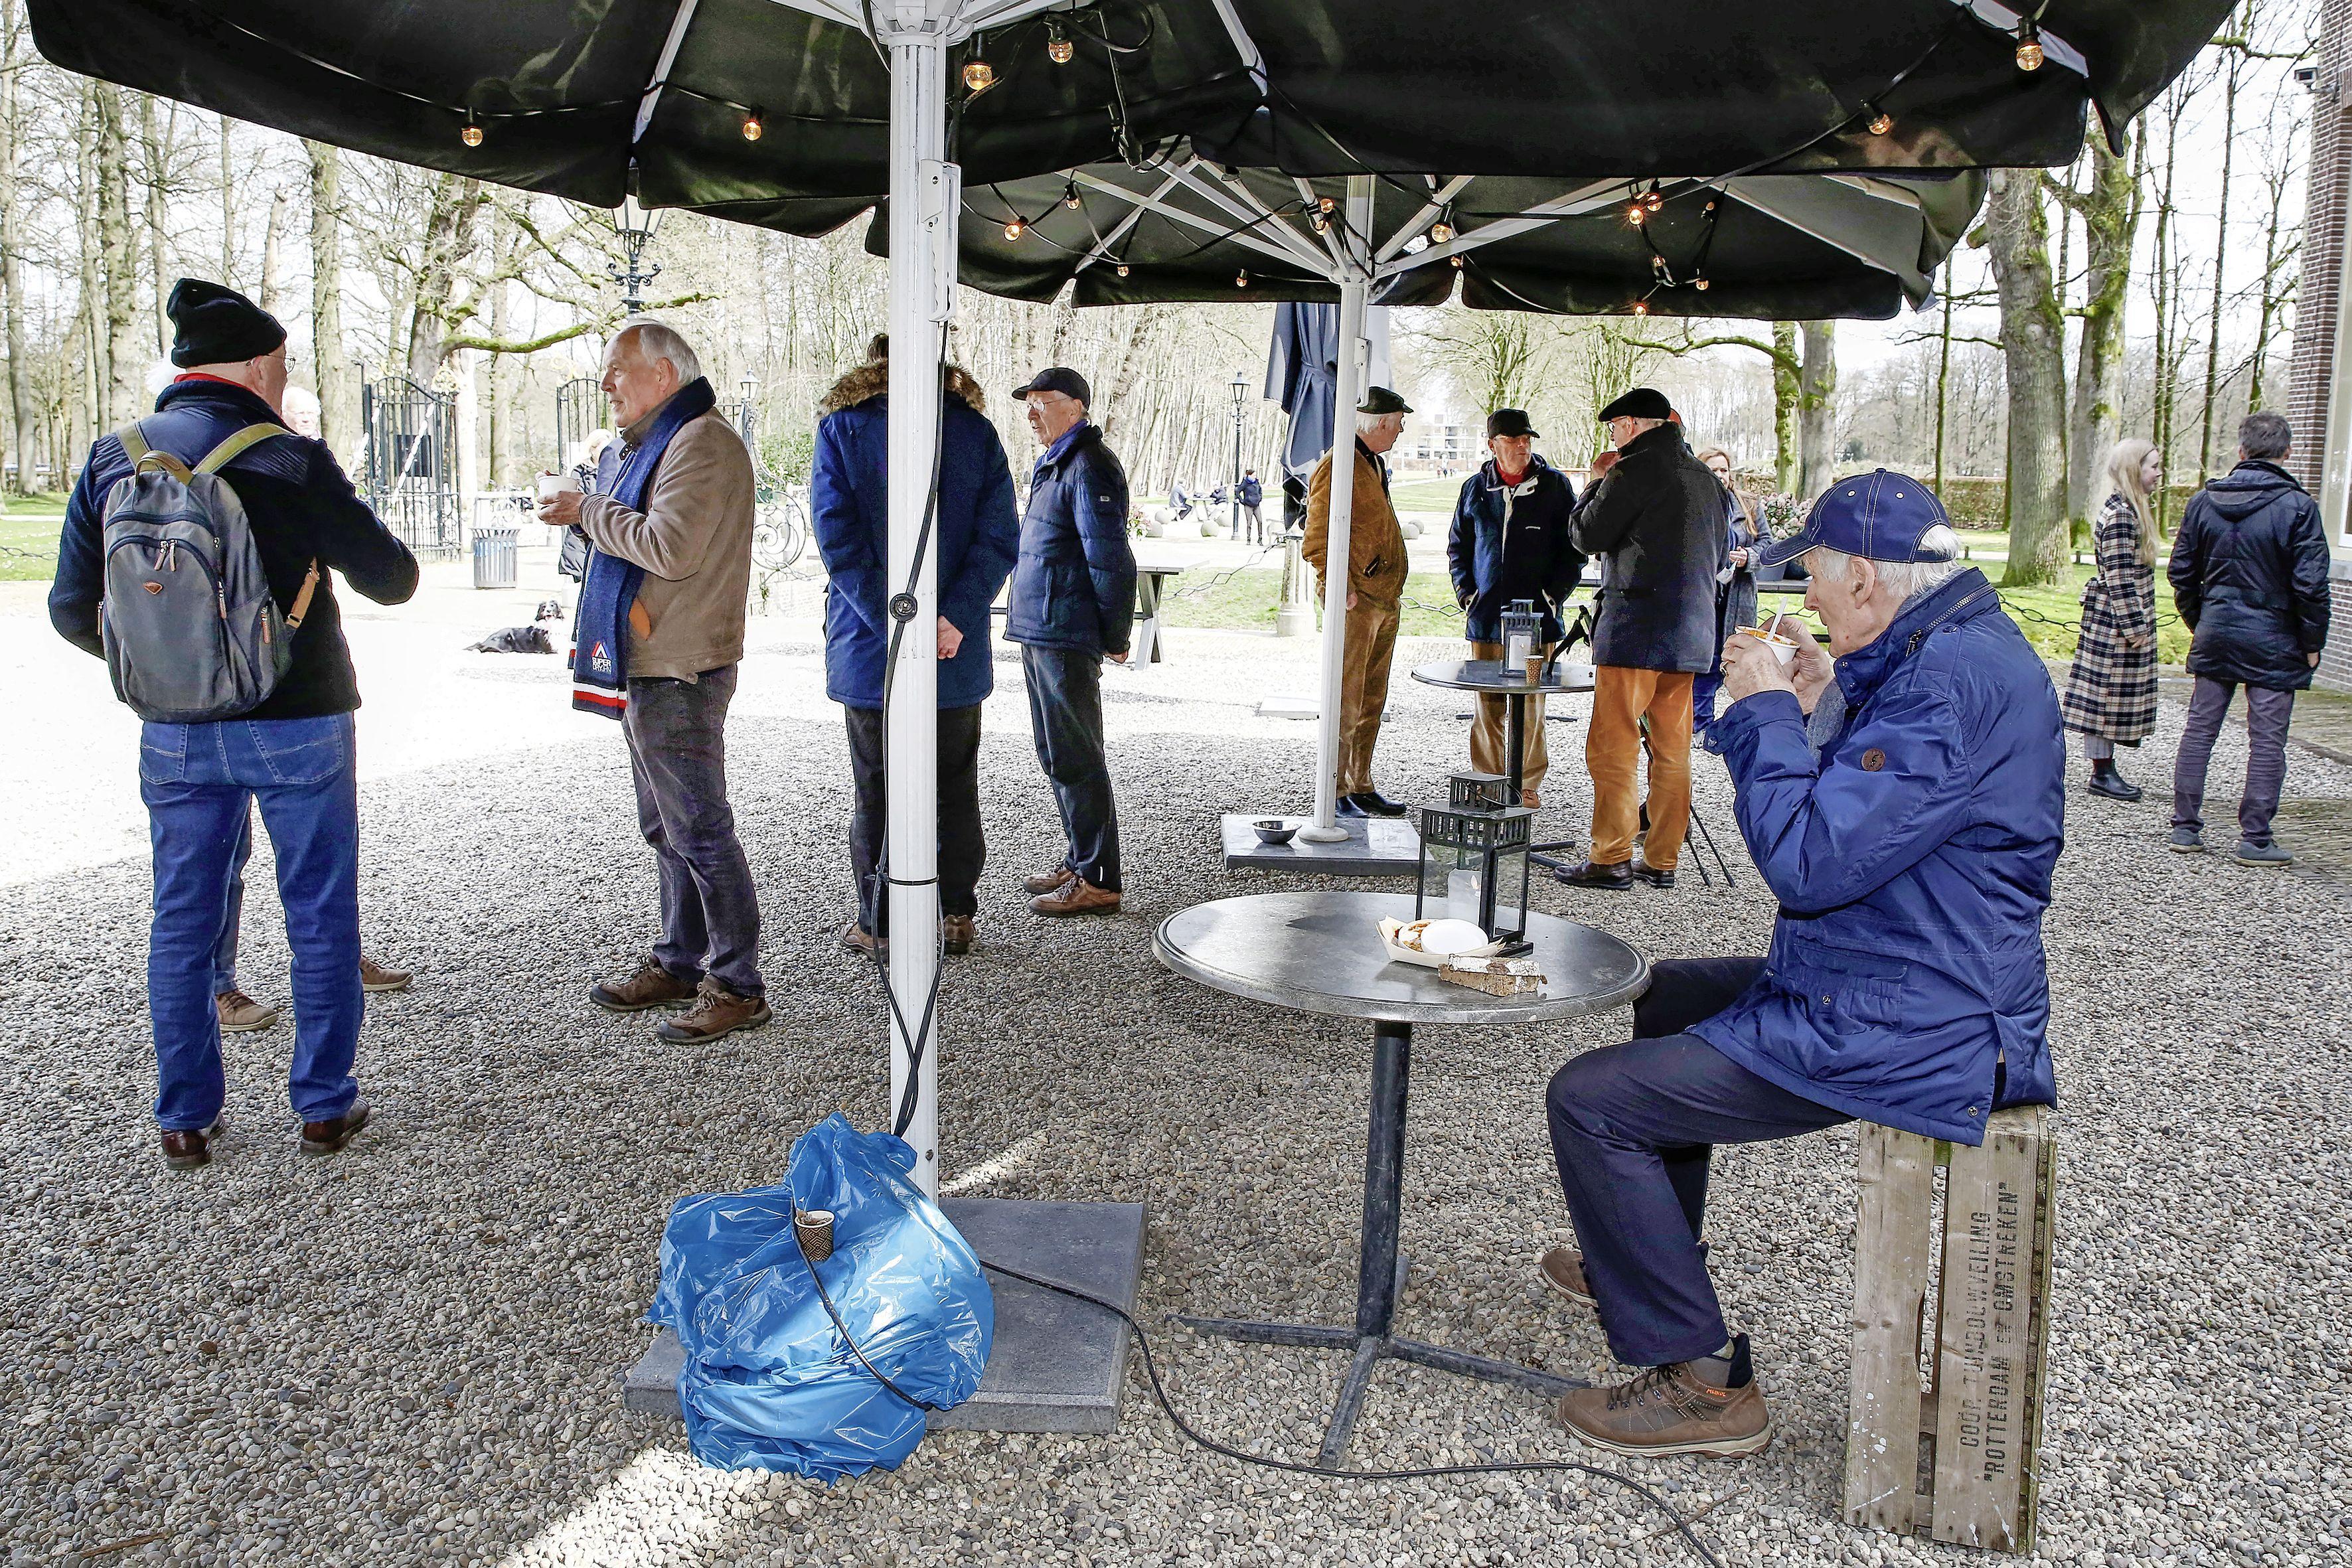 'We hopen dat hierdoor de culturele sector misschien een stapje sneller weer open kan', pilot-events in Baarn en Naarden kijken met tevredenheid terug